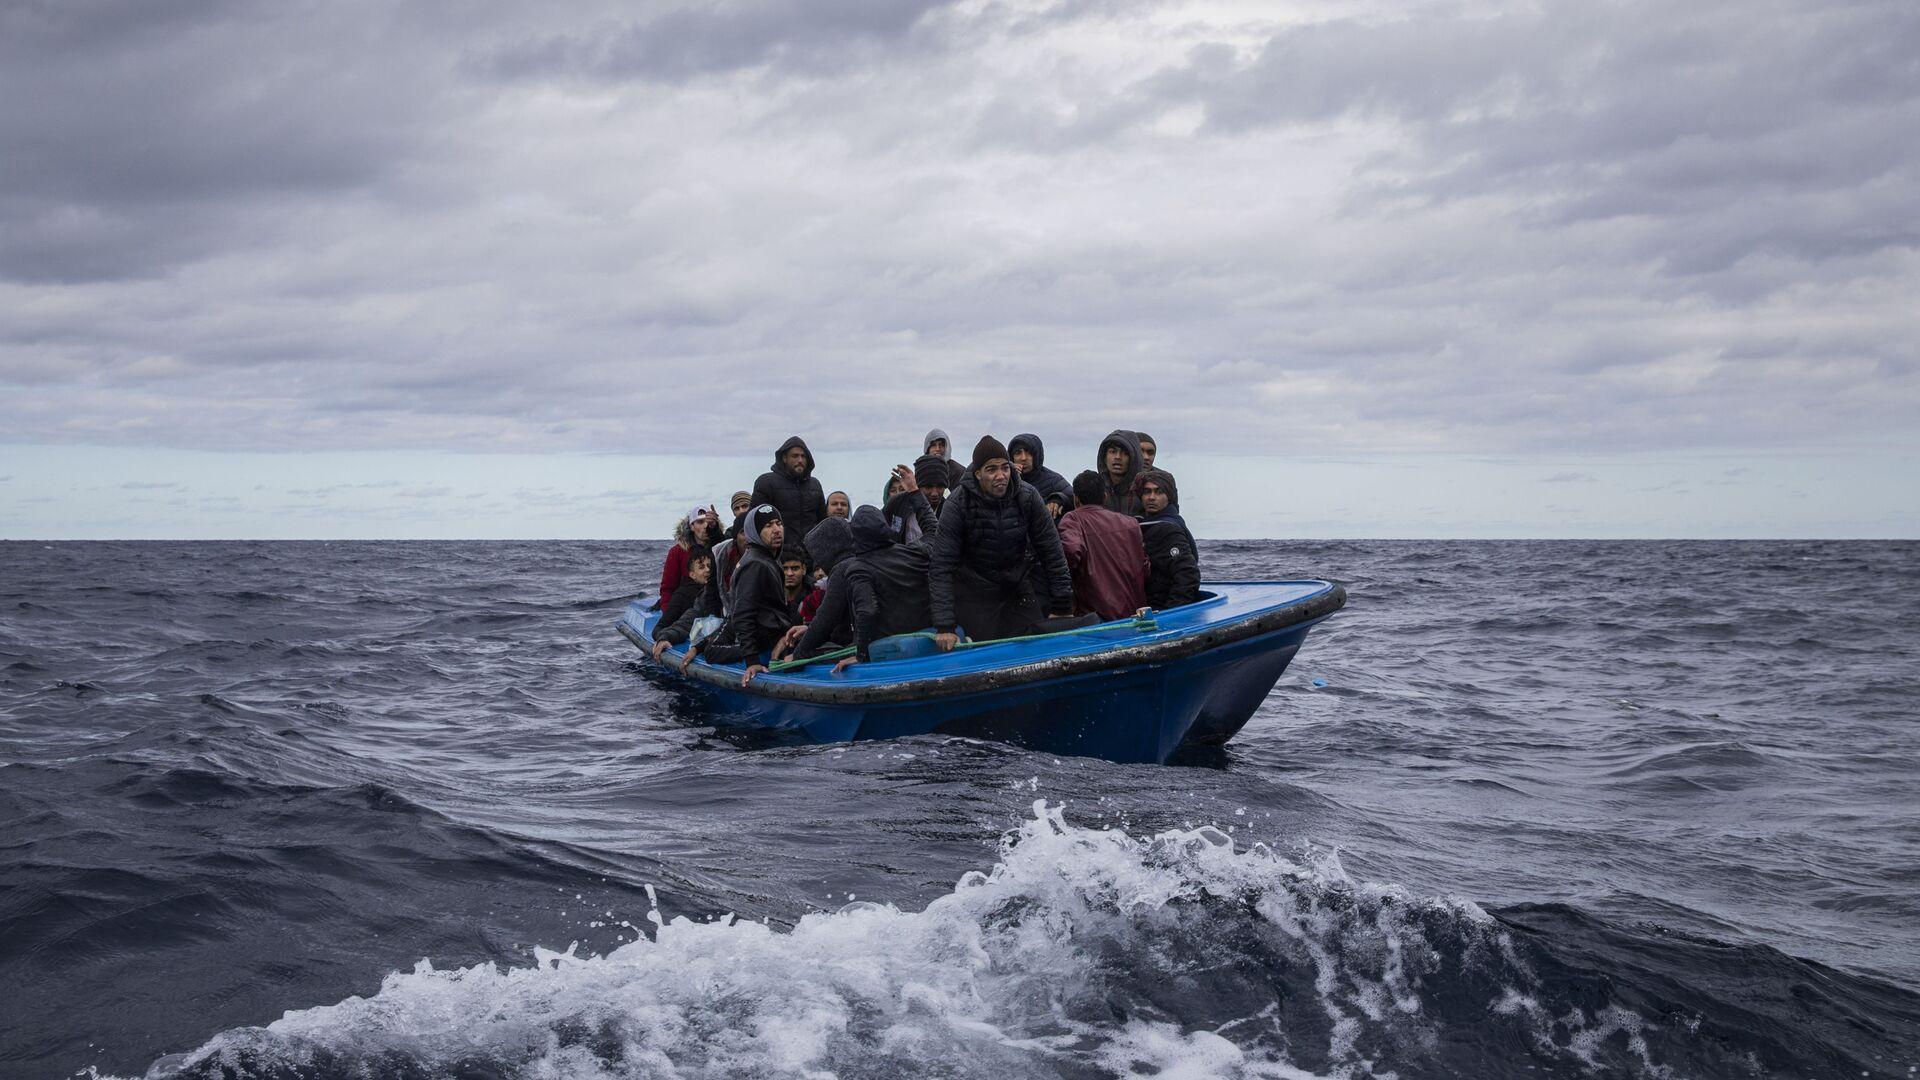 Rifugiati da Marocco e Bangladesh - Sputnik Italia, 1920, 26.04.2021